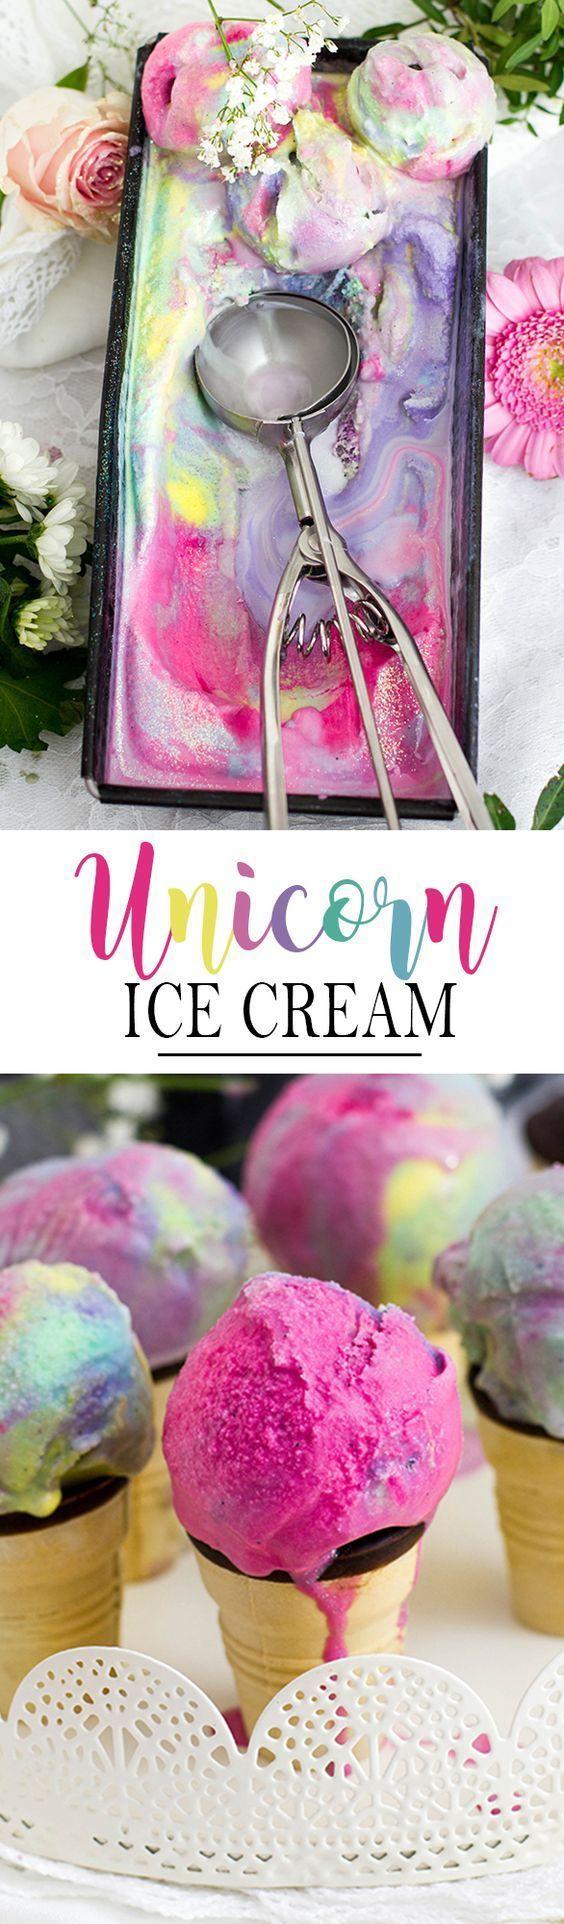 Einhorn-Eiscreme alias Ein frohes, buntes Jahr! - KüchenDeern